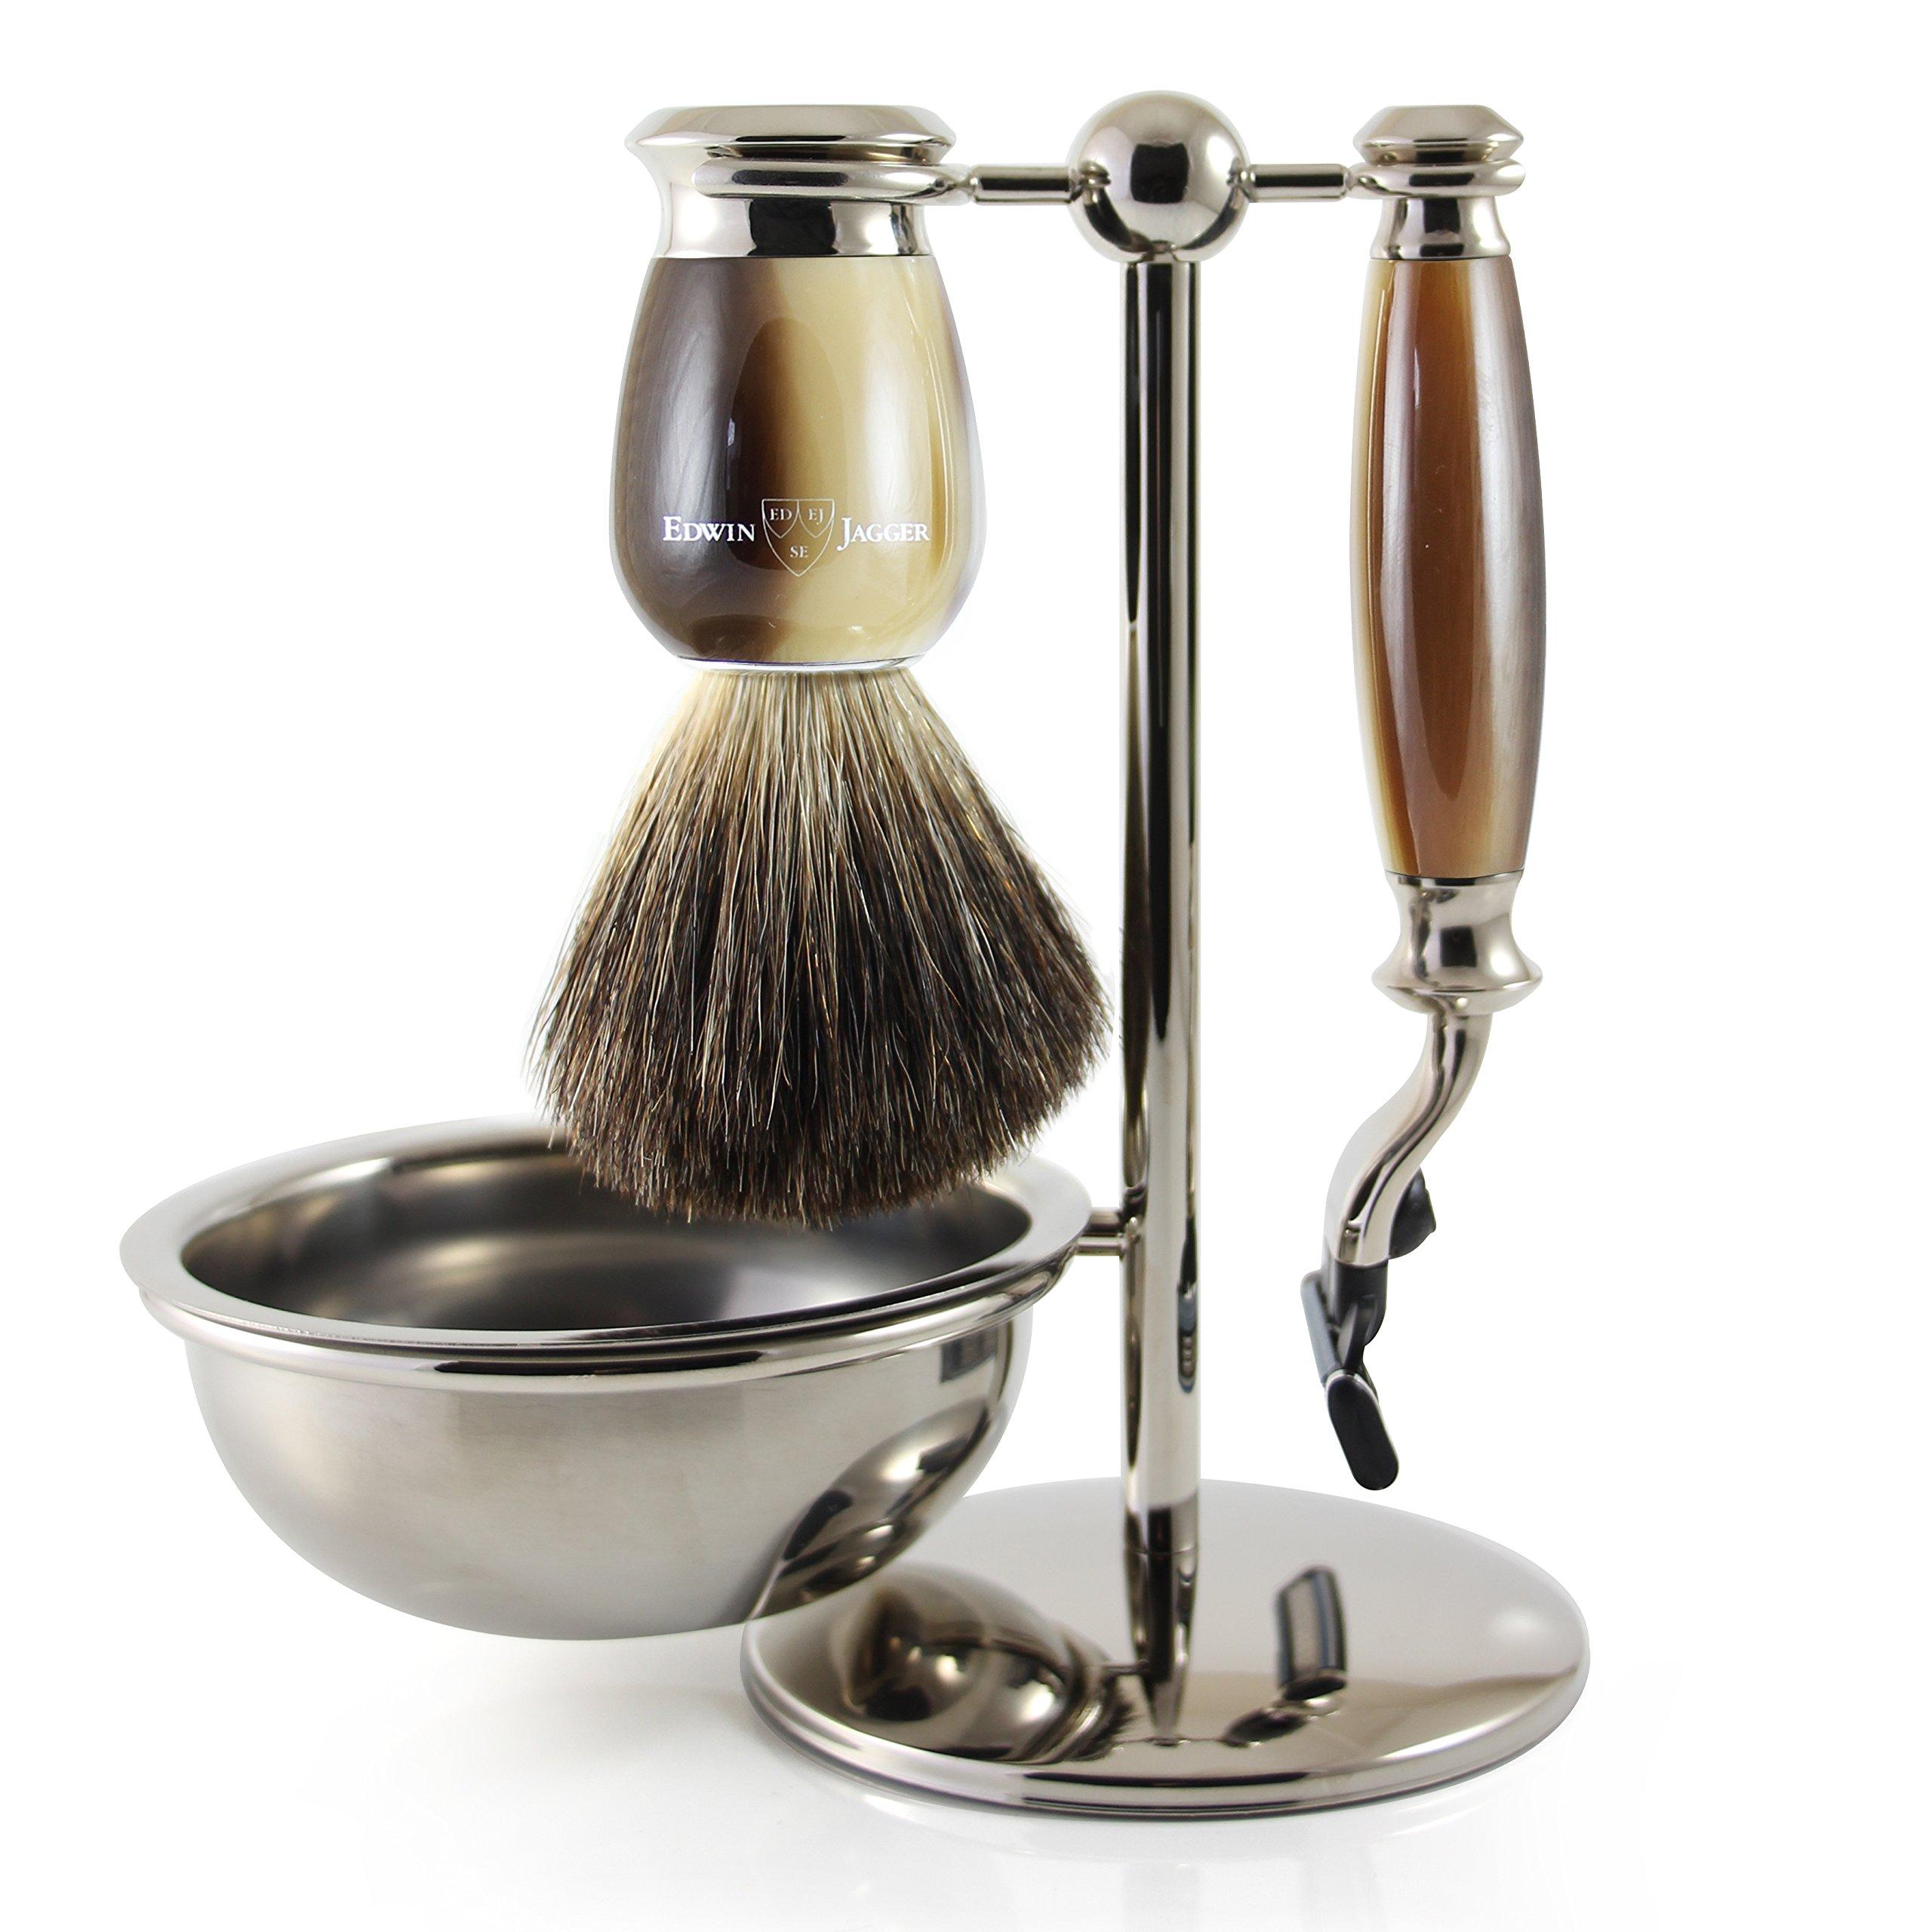 Edwin Jagger Shaving Gift Set, Light Horn by Edwin Jagger